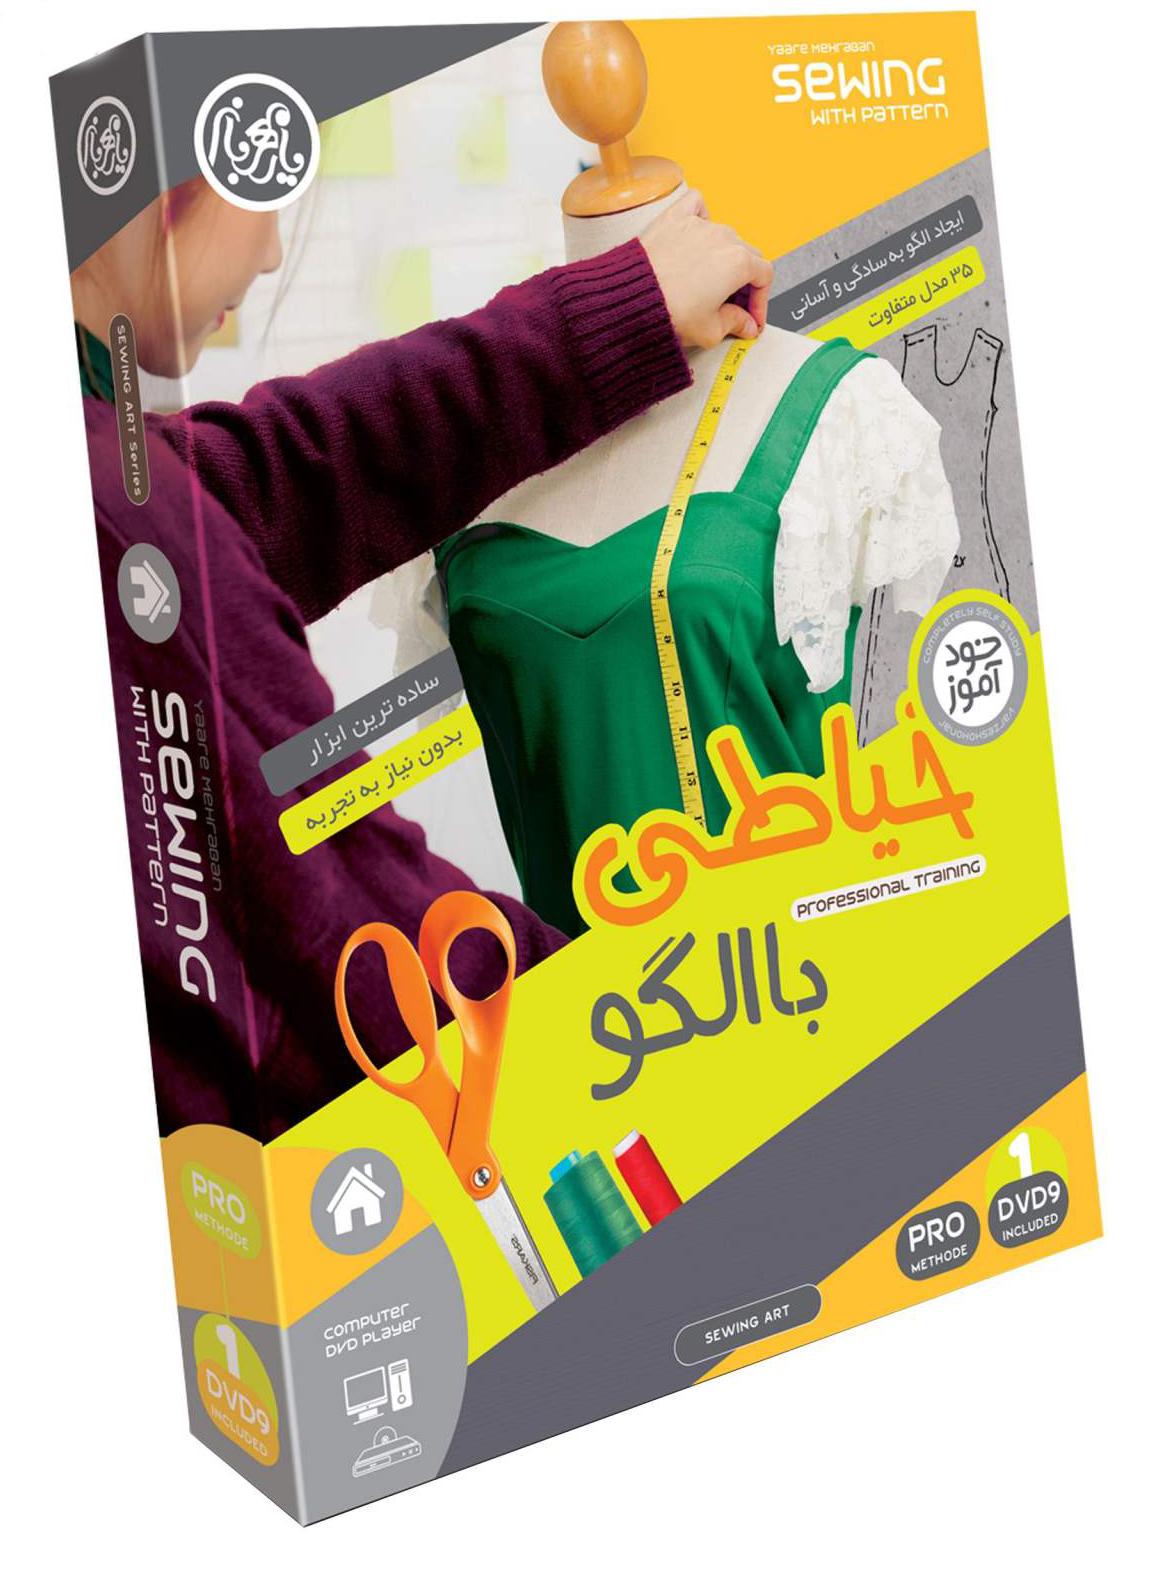 پکیج آموزش خیاطی با الگو به زبان فارسی